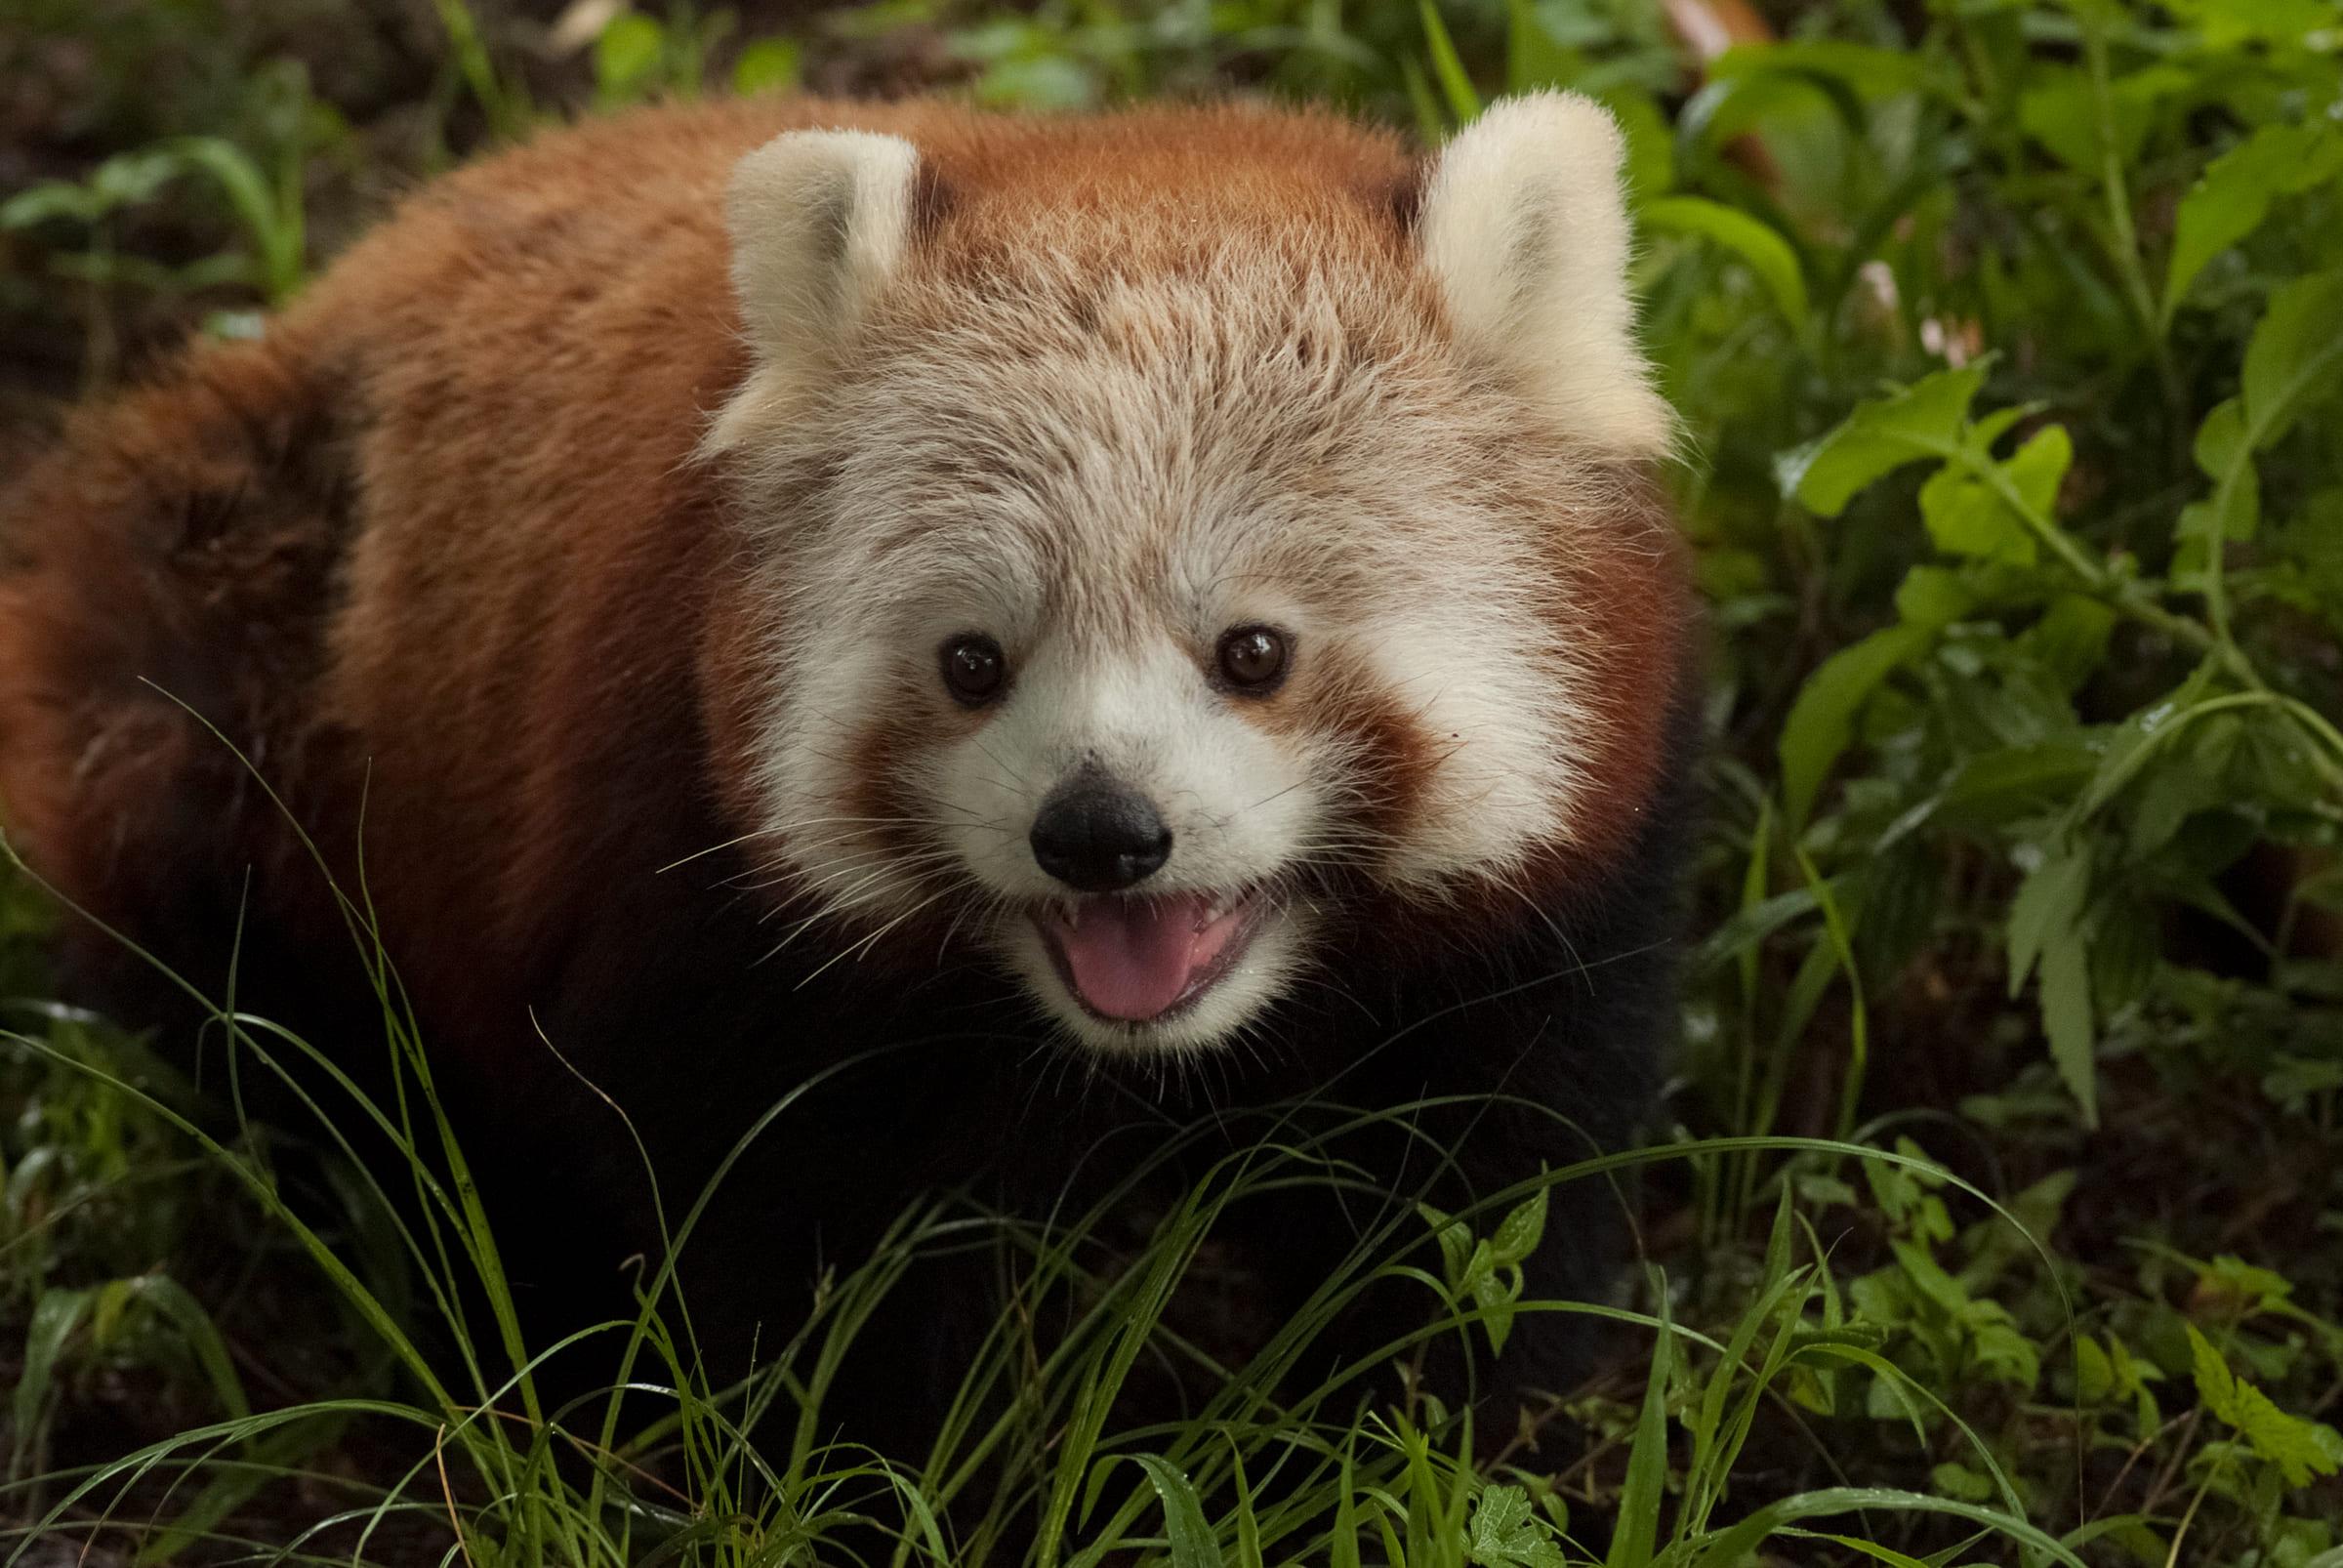 Roter Panda mit offenem Mund